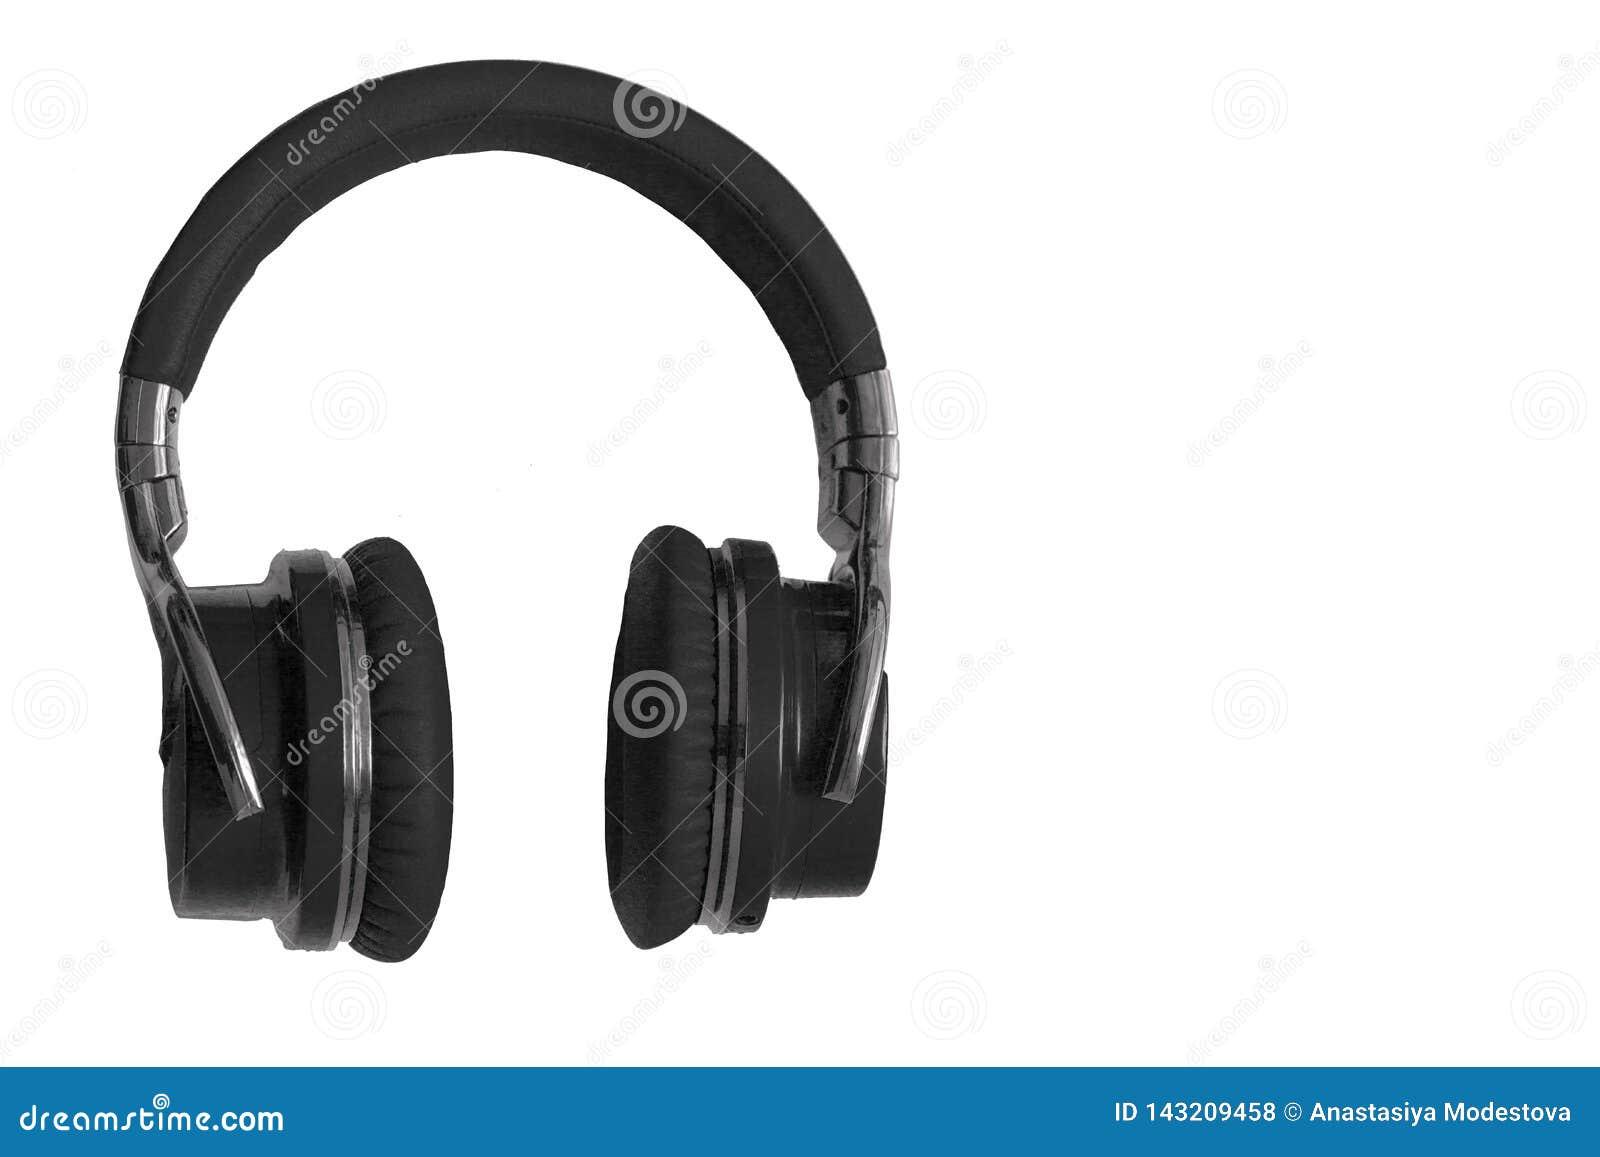 Espacio aislado auriculares inalámbricos negros de la copia del equipo de audio de la música